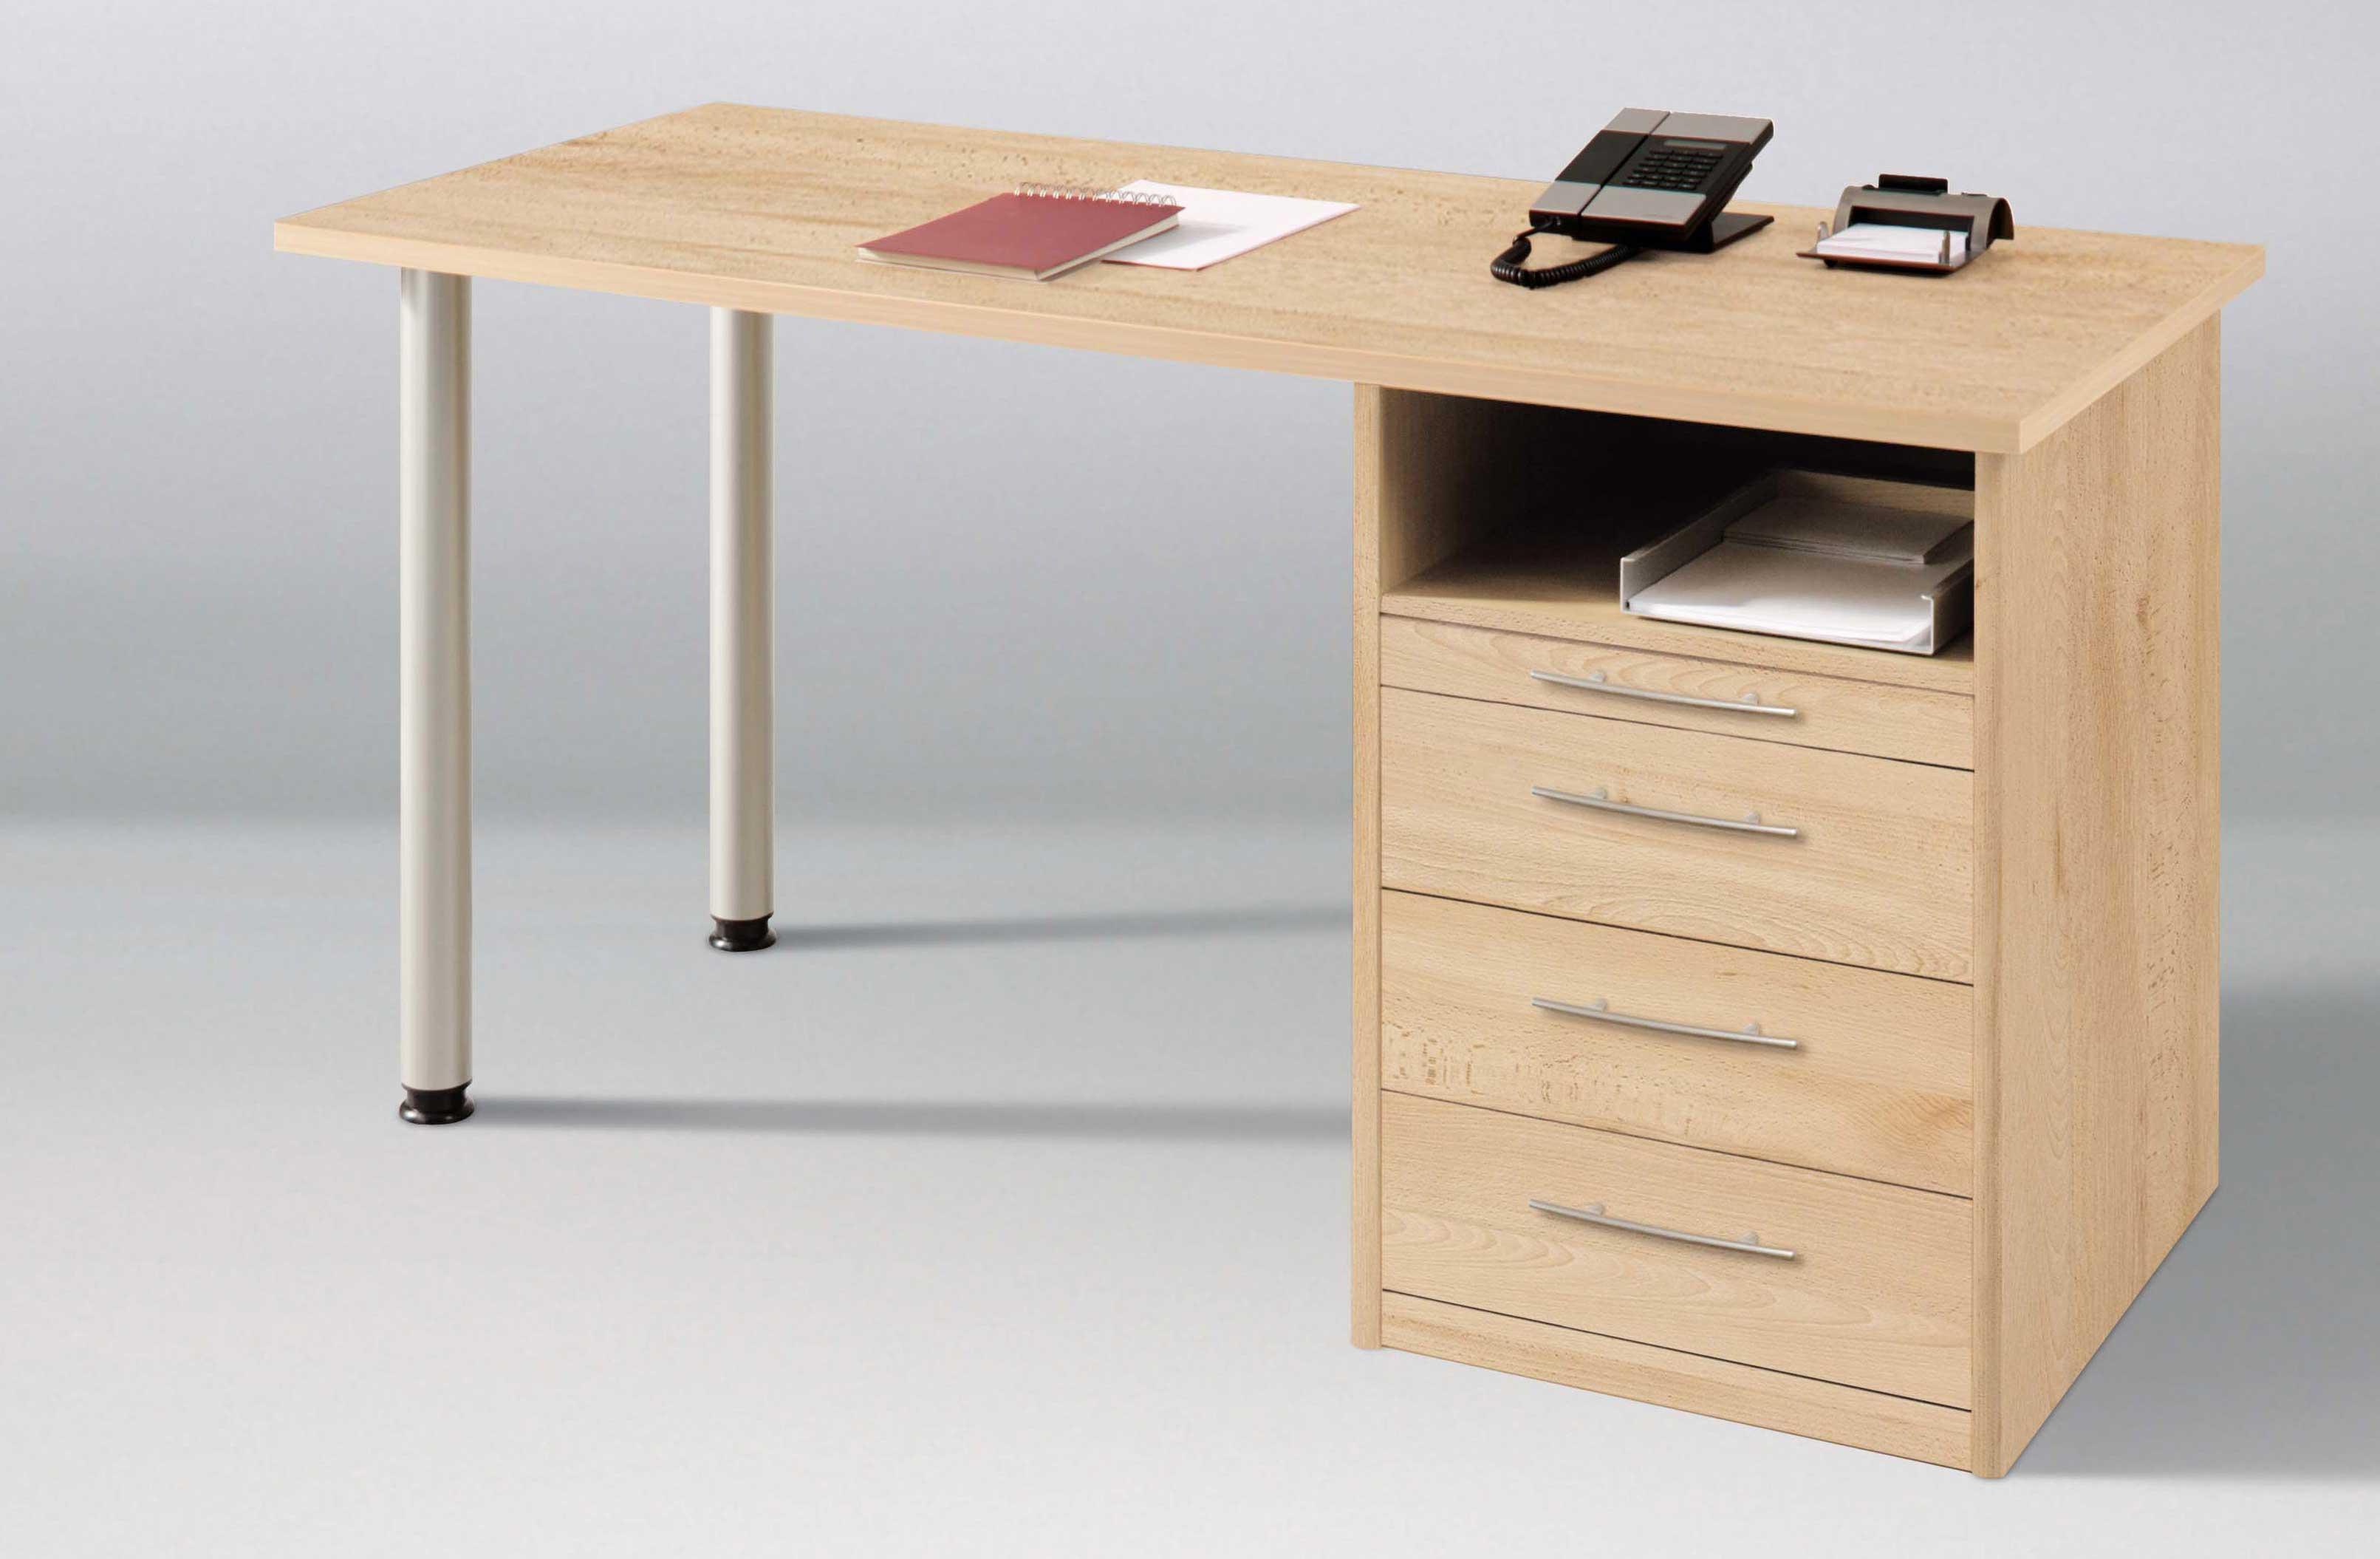 Priess Agenzia Schreibtisch mit Container in buche